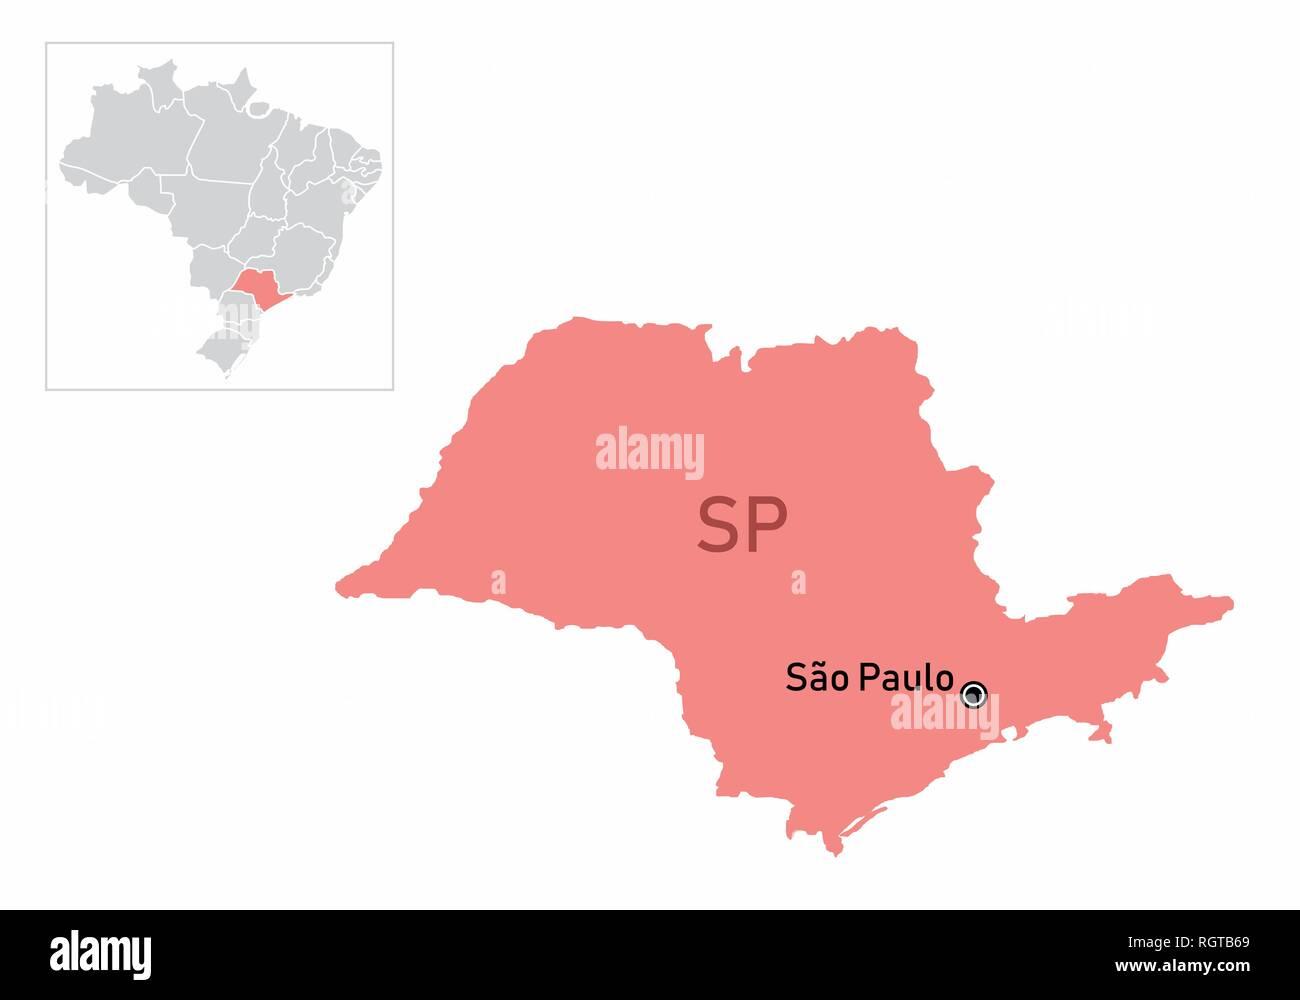 Darstellung Der Sao Paulo State Und Seine Lage In Brasilien Karte